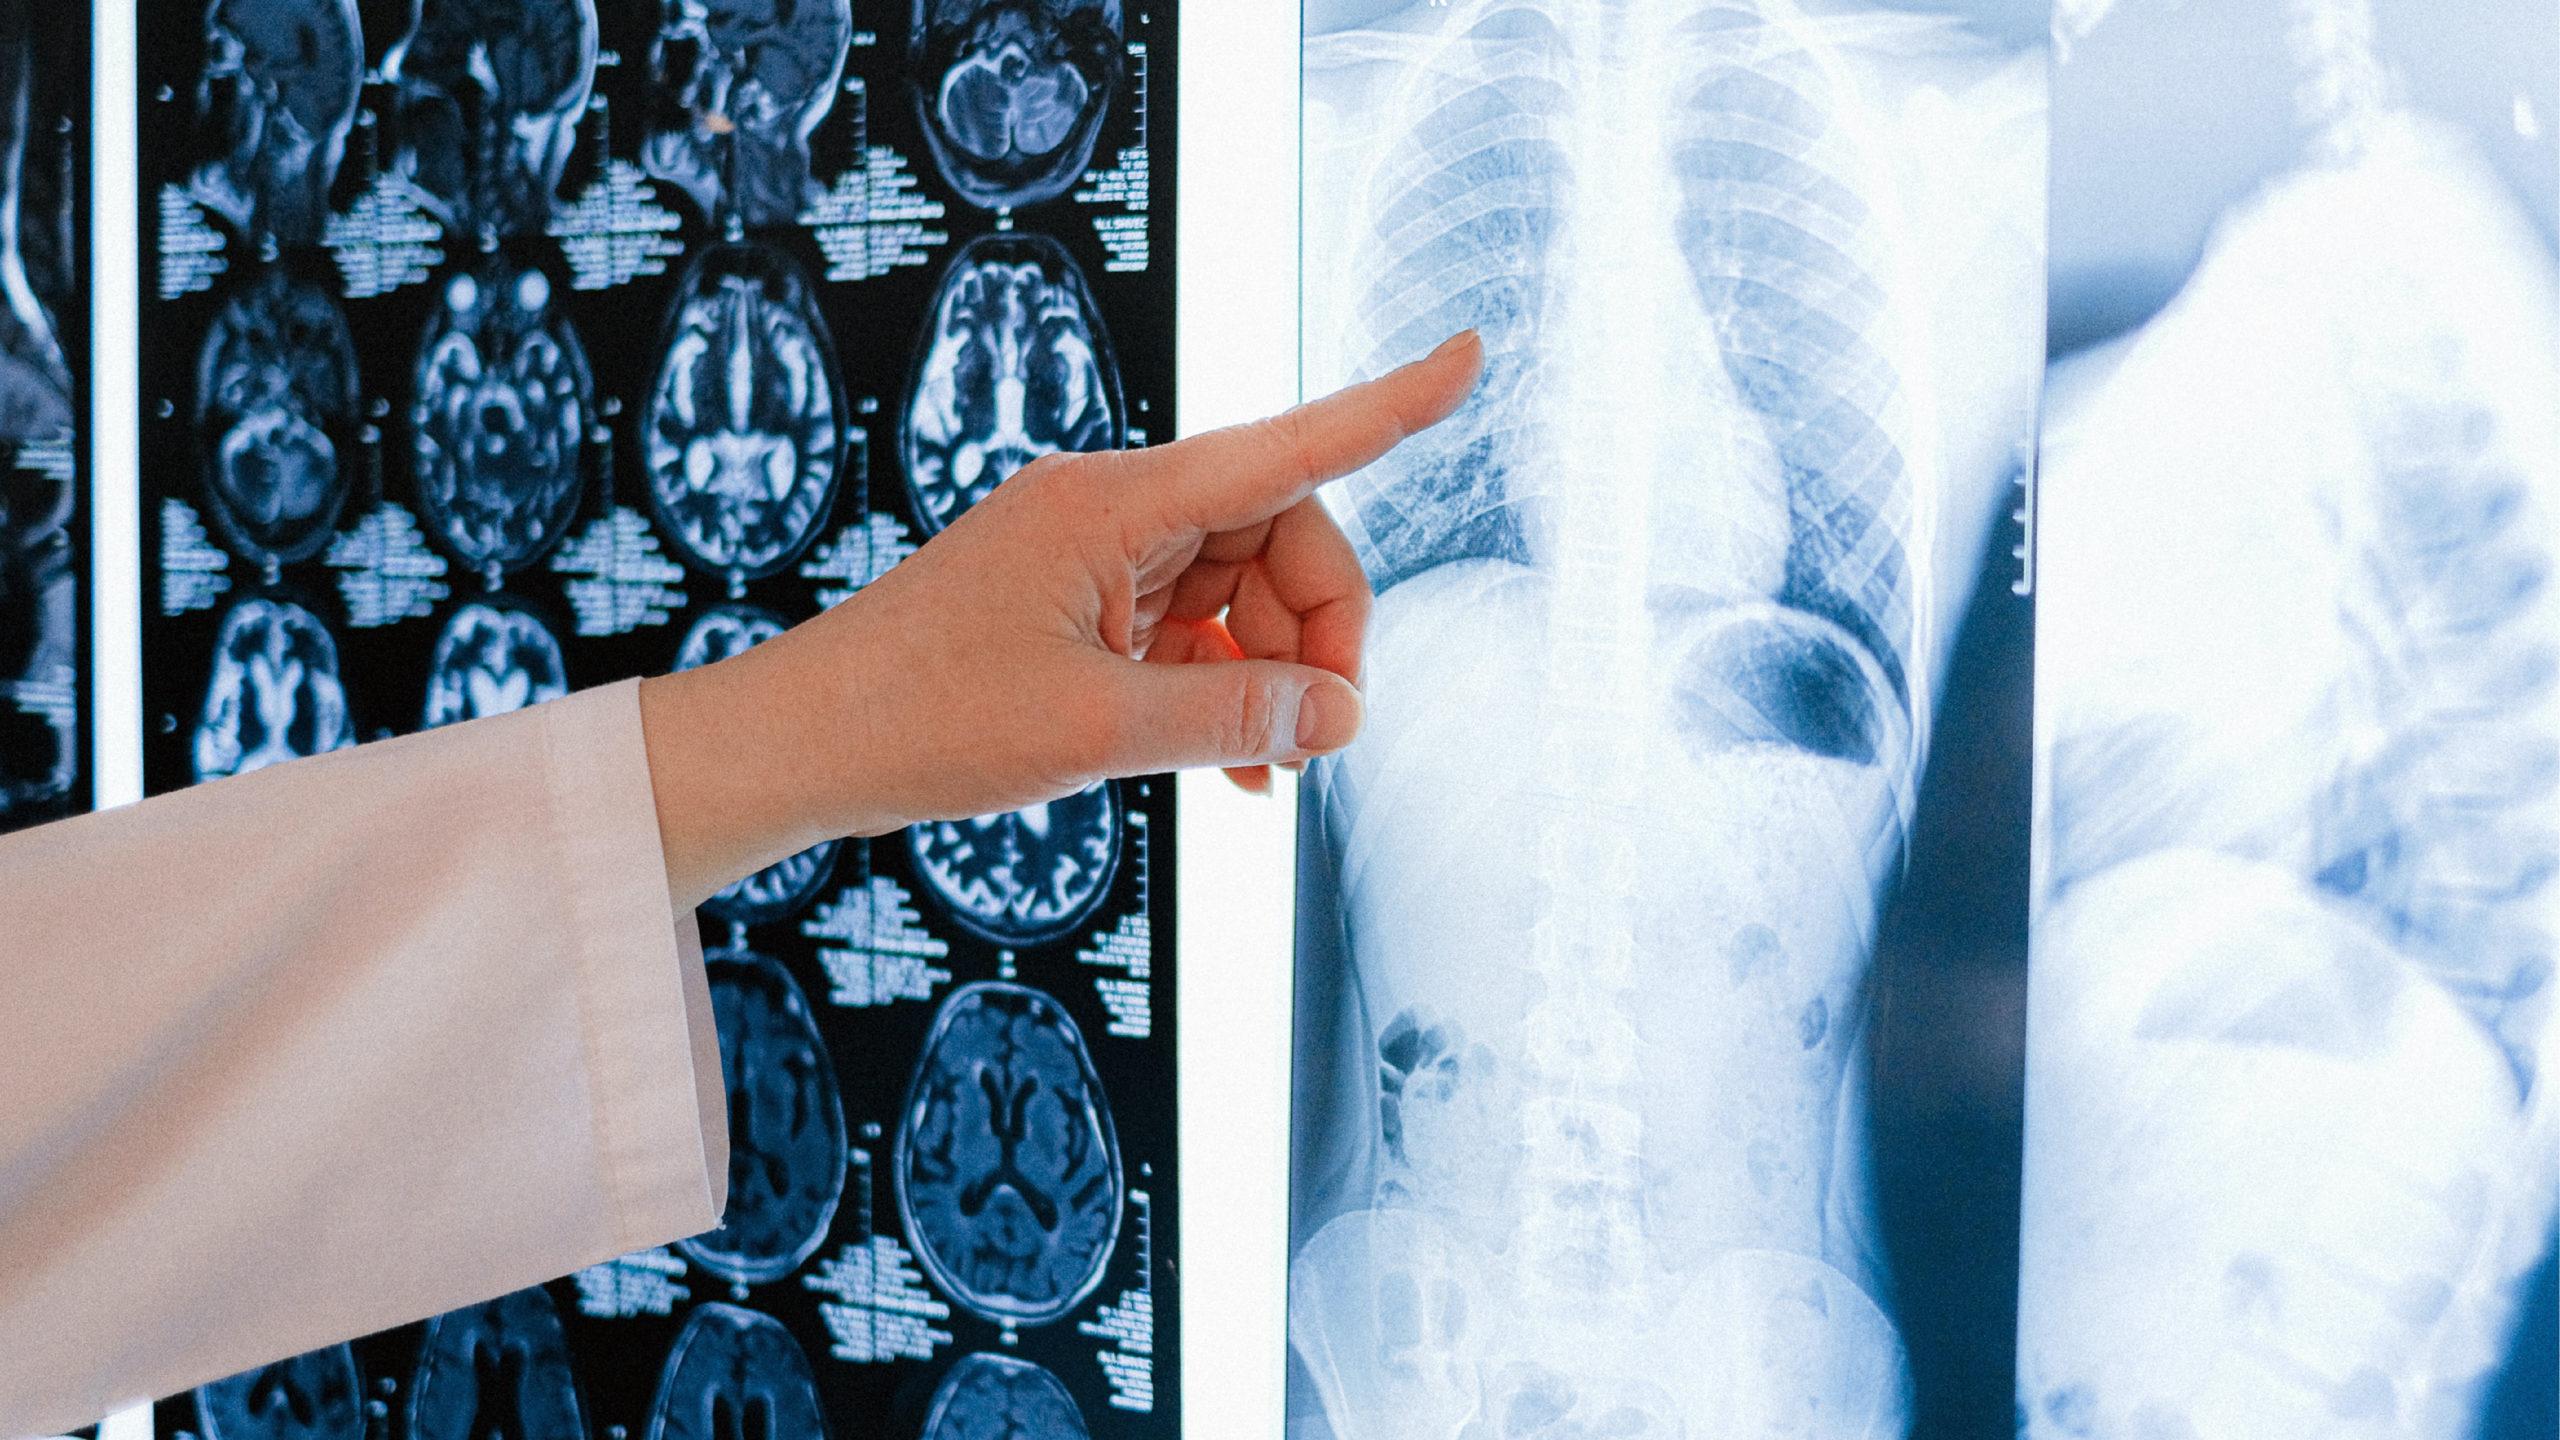 Científicos detectan lesiones de corazón en pacientes graves de Covid-19